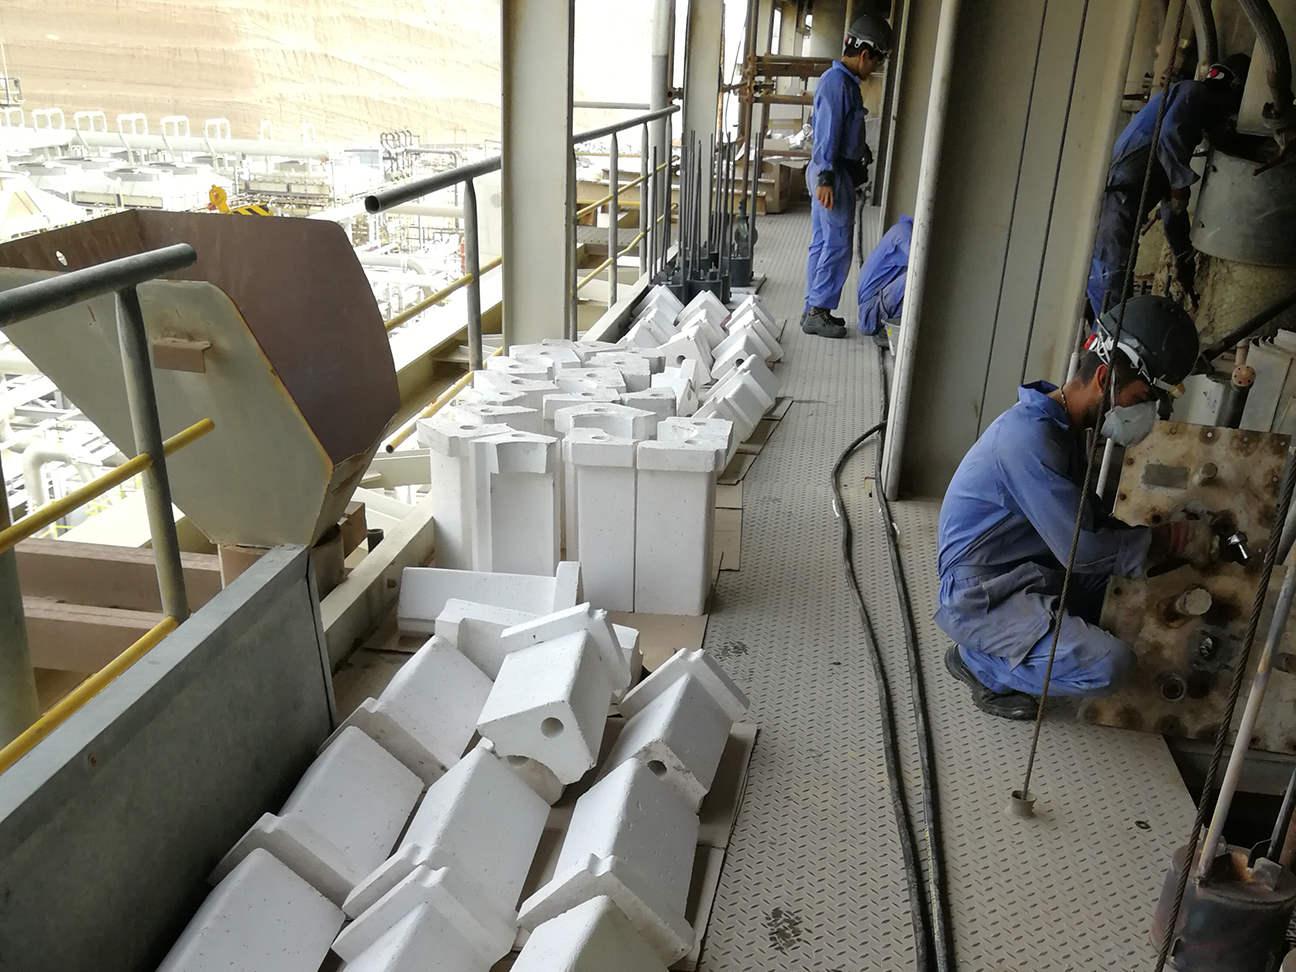 نظارت بر تعمیر و نگهداری و ساخت قطعات یدکی کورهی حرارتی ریفورمر پتروشیمی خارگ - واحد متانول